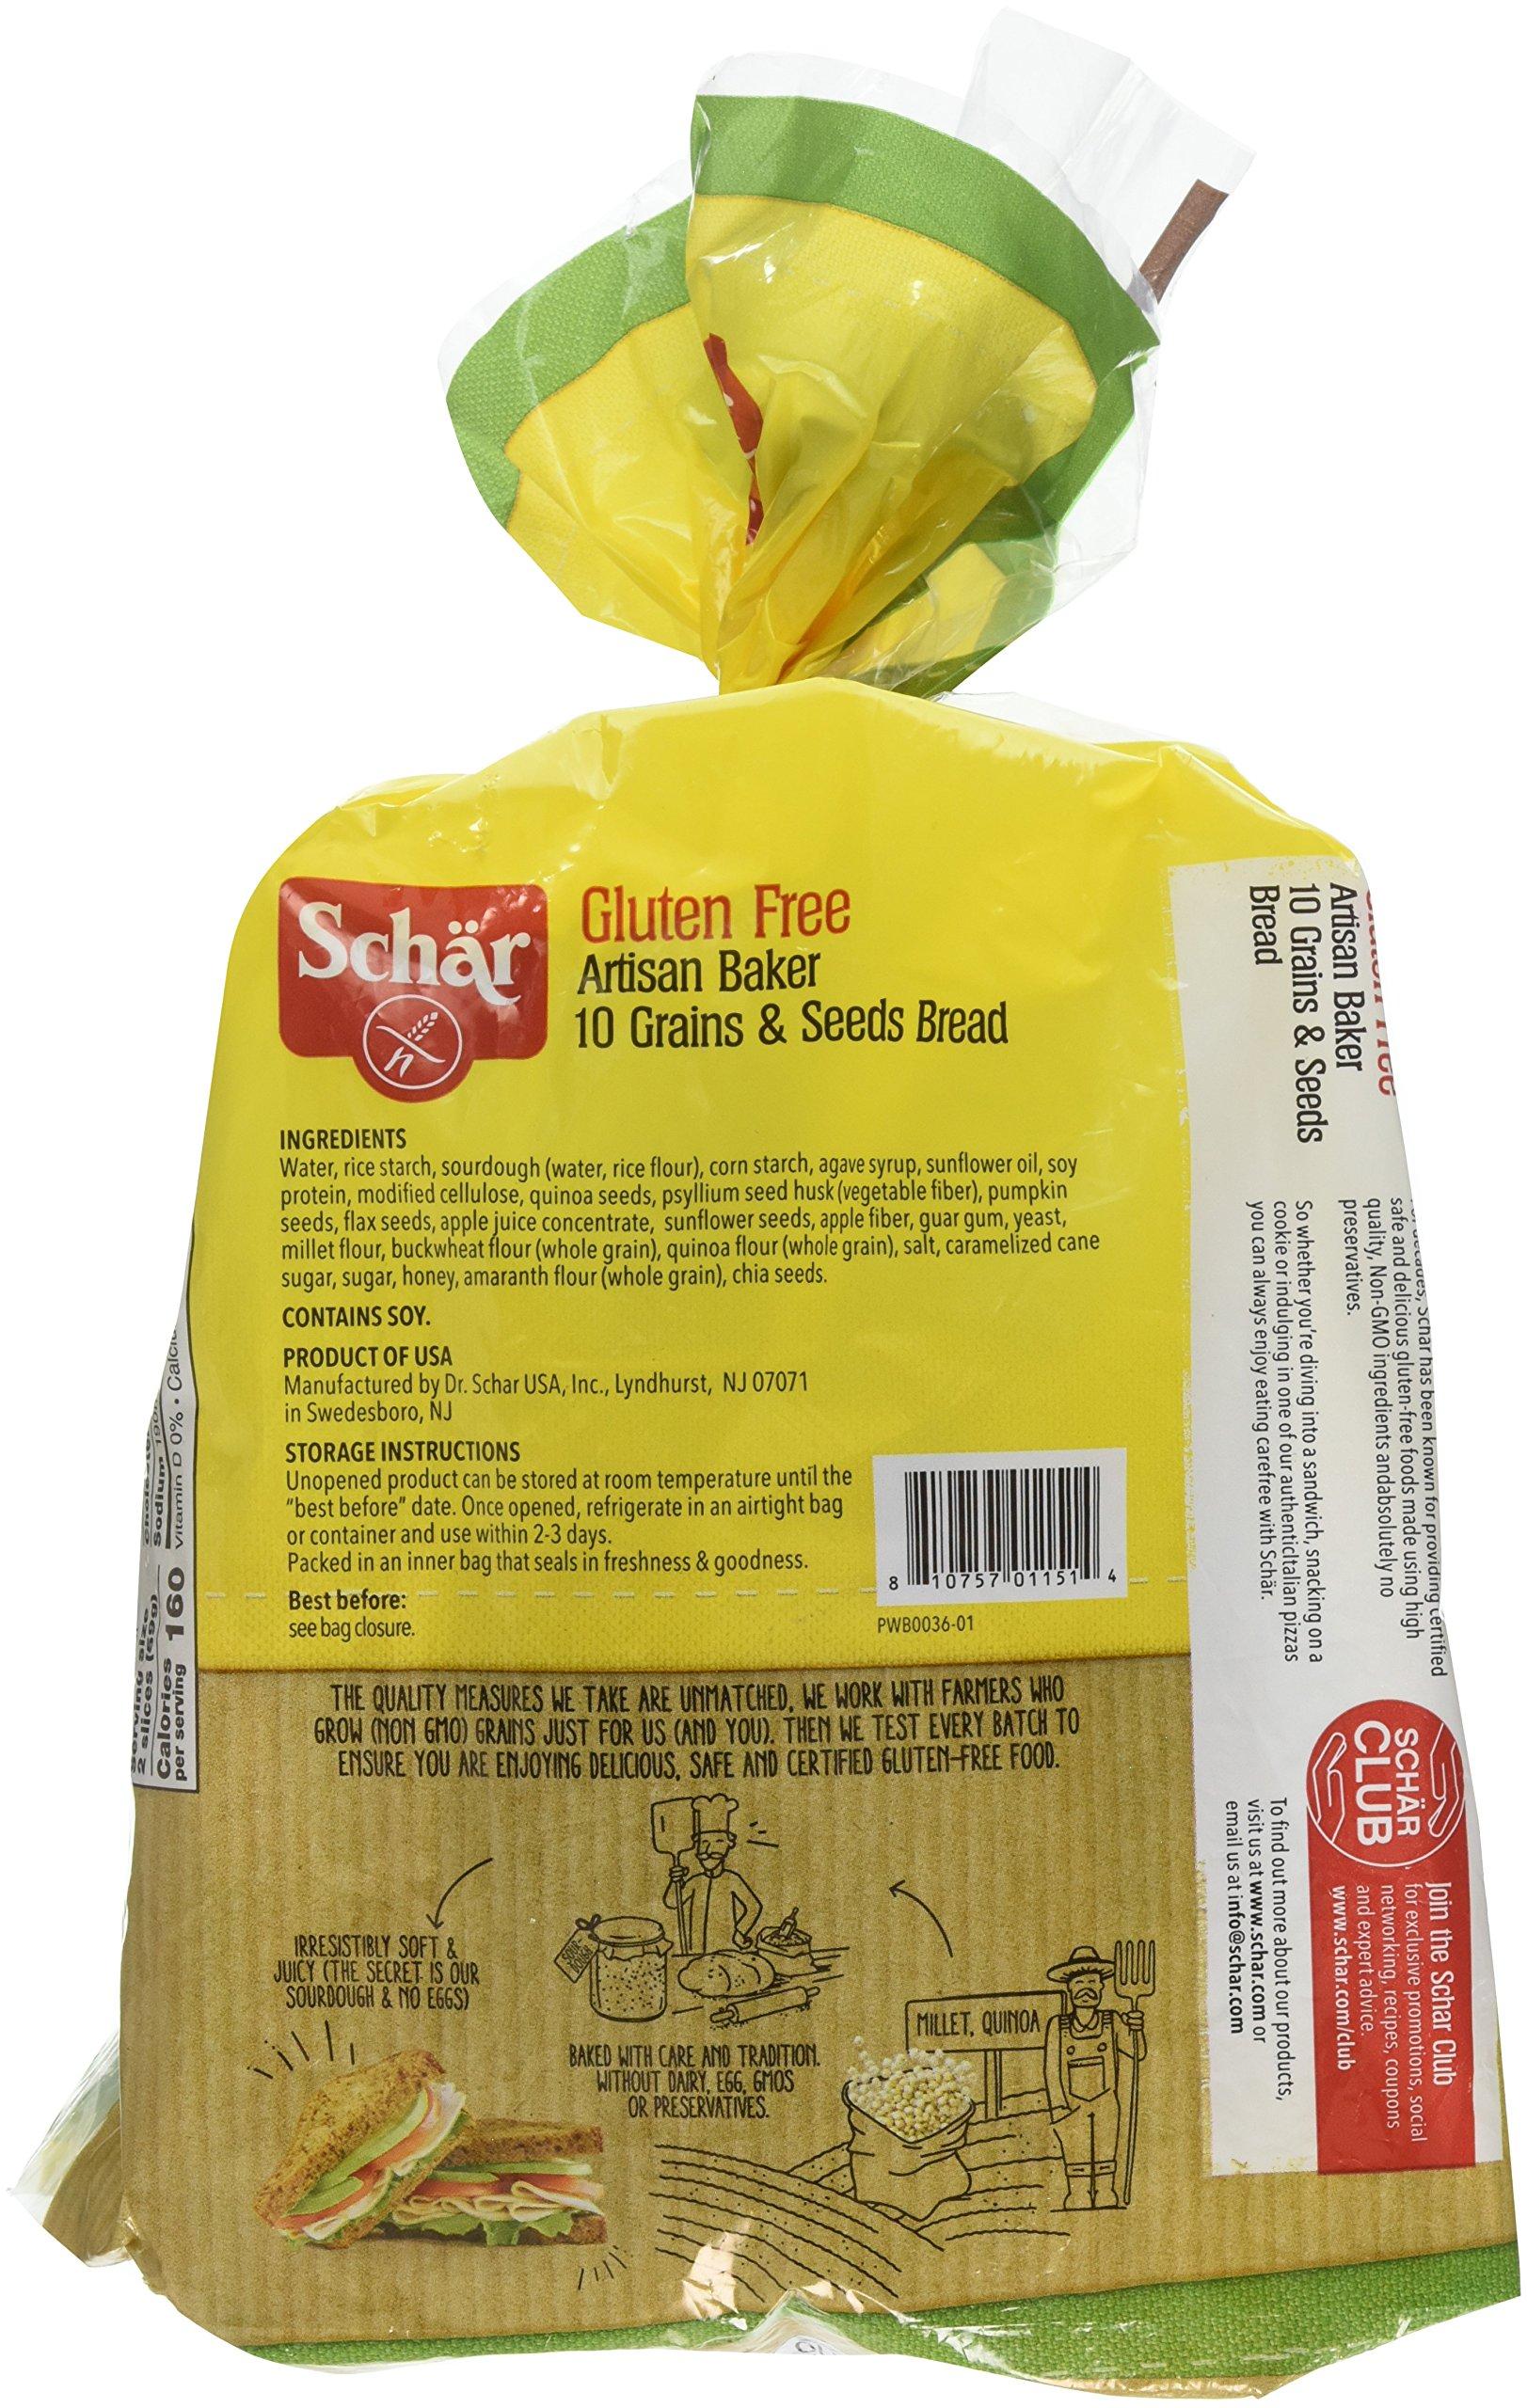 Schar Gluten Free Artisan Baker 10 Grain & Seeds Bread, 6 Count by Schar (Image #3)